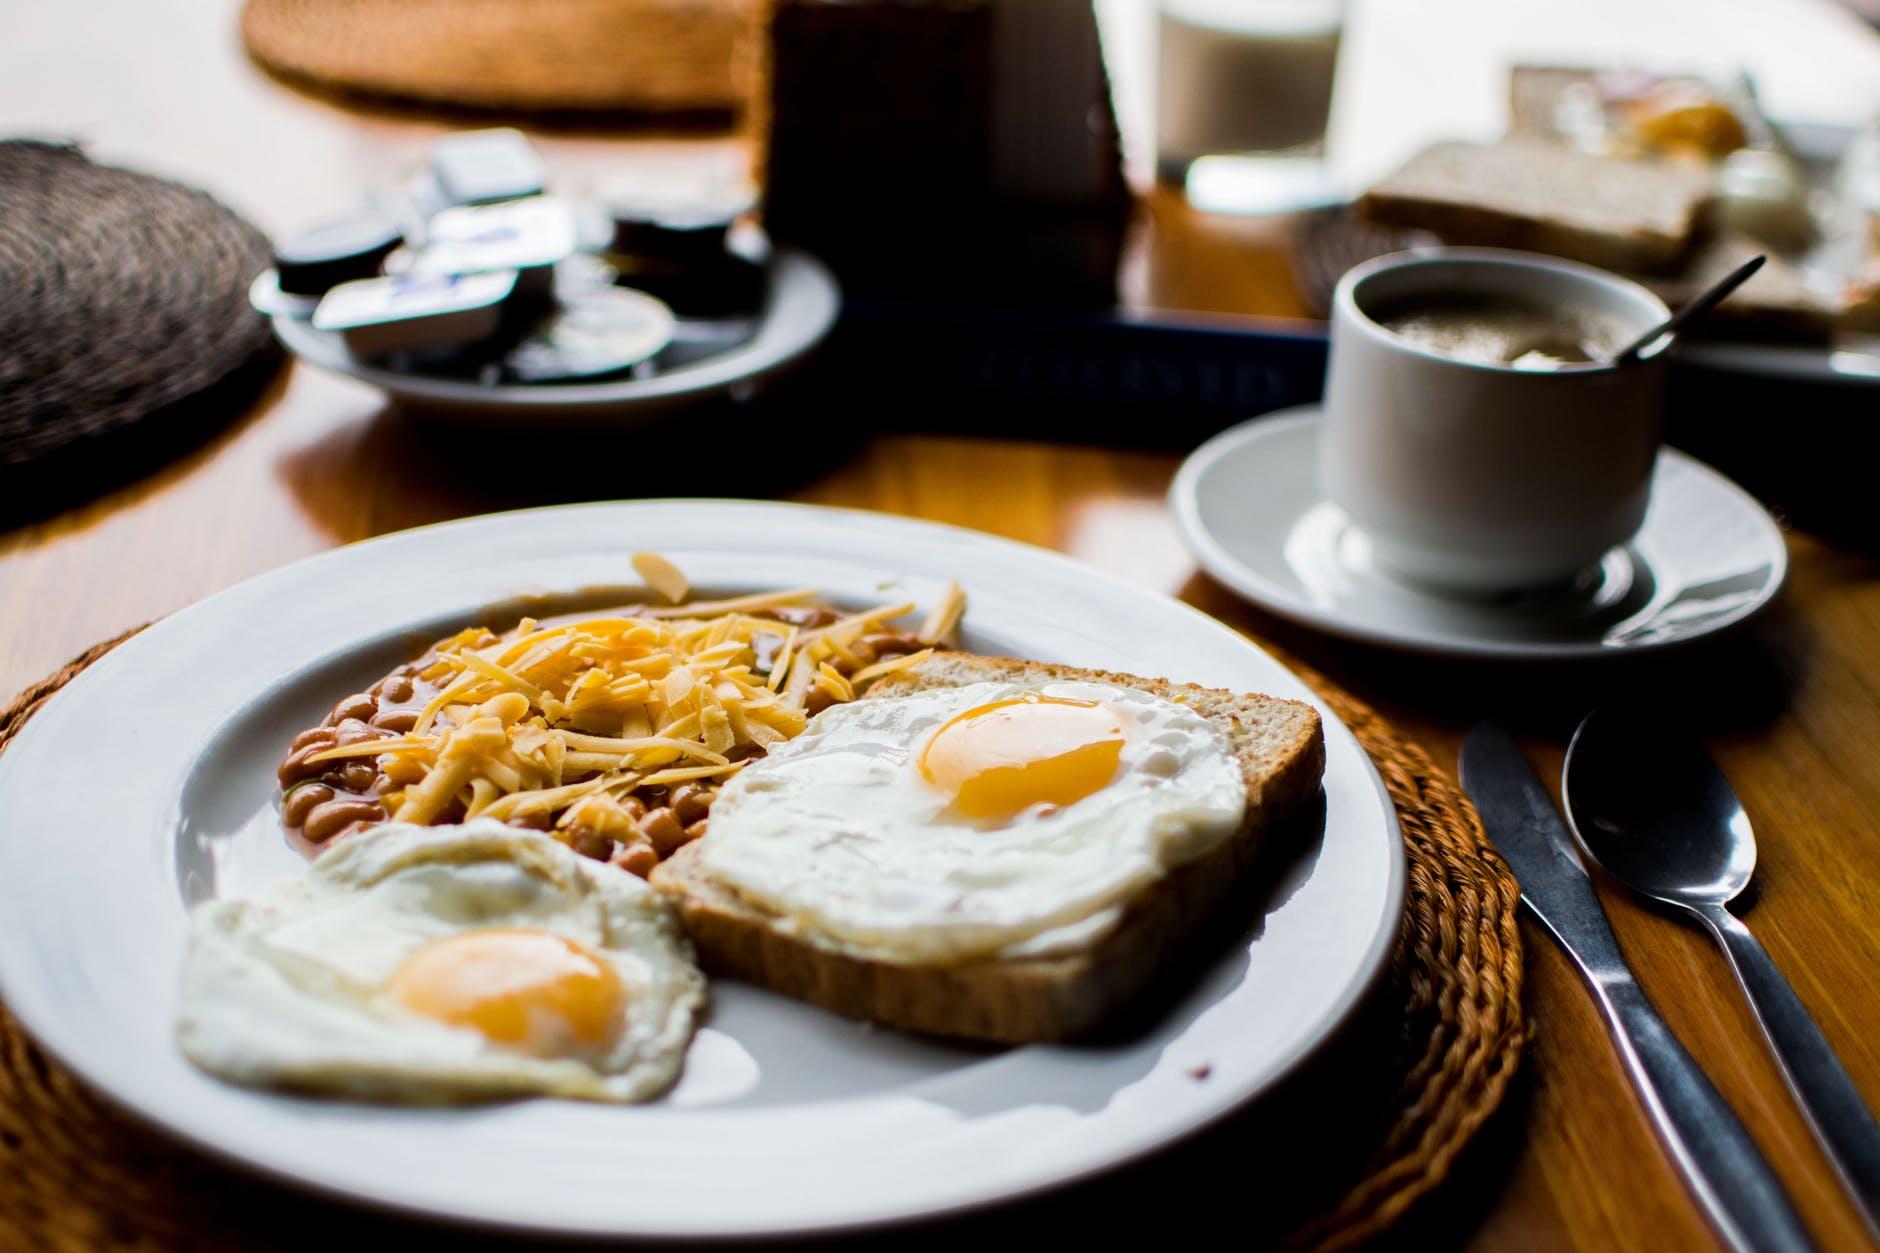 mens breakfast, breakfast, men's breakfast, coffeee, eggs